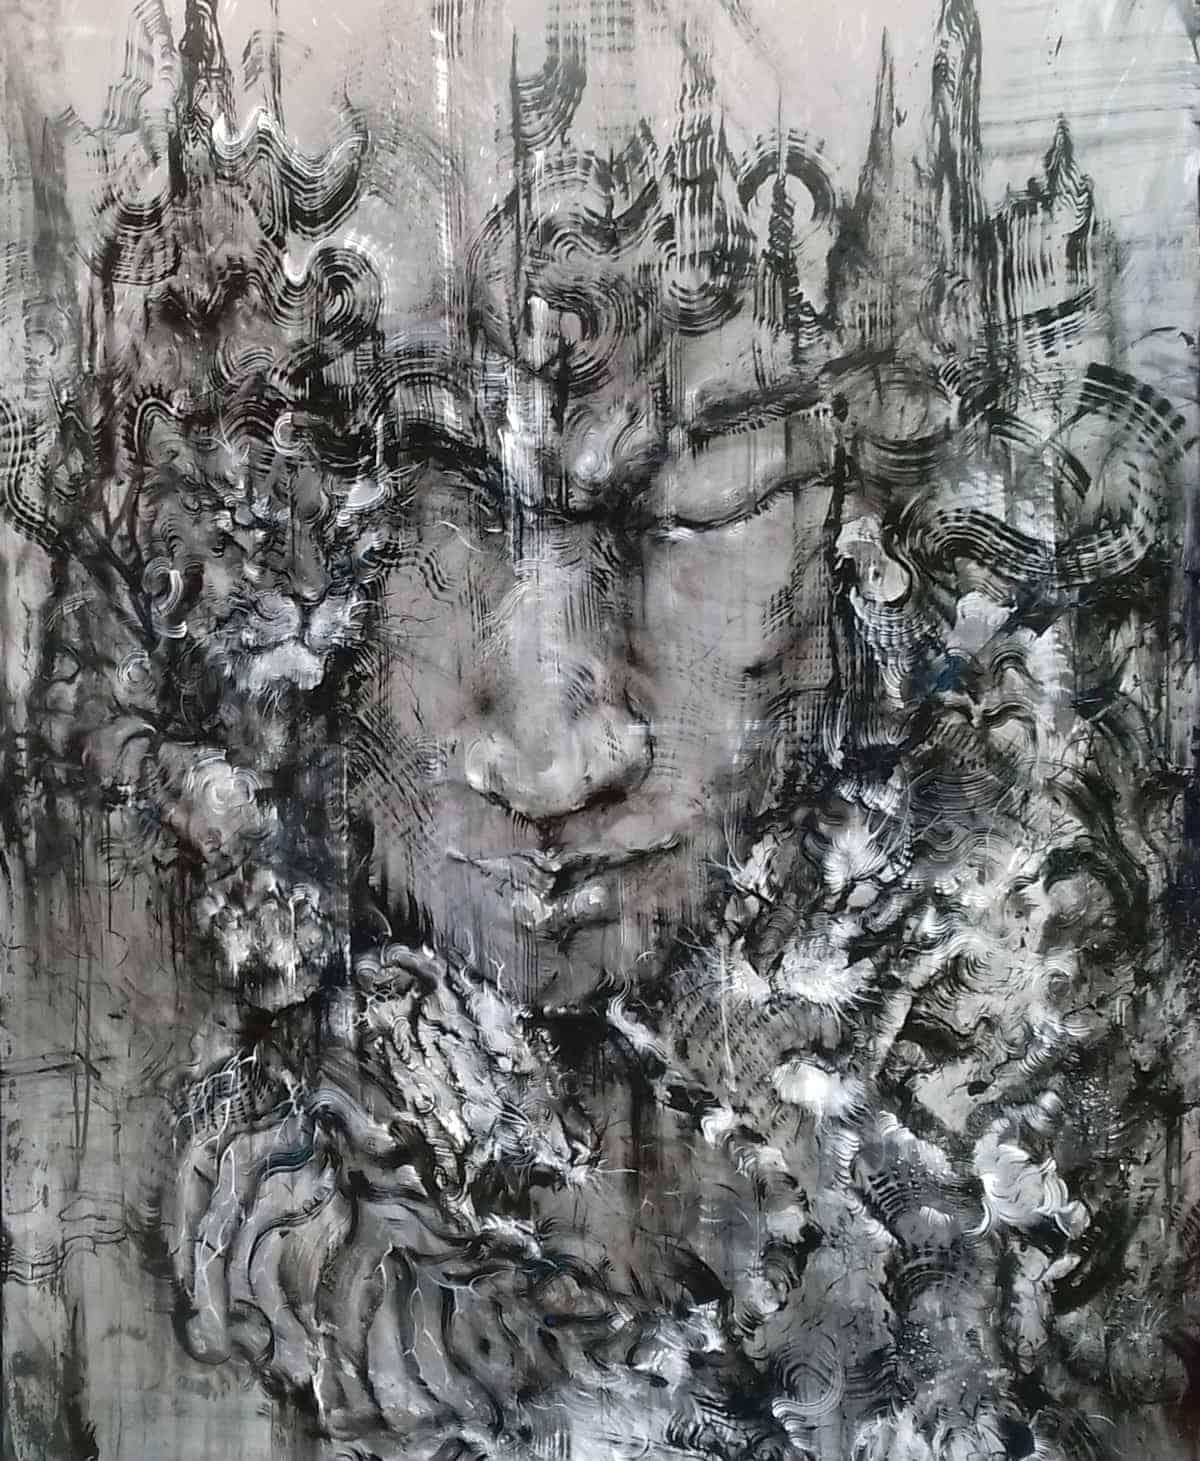 Hua Tunan Tiger Artwork